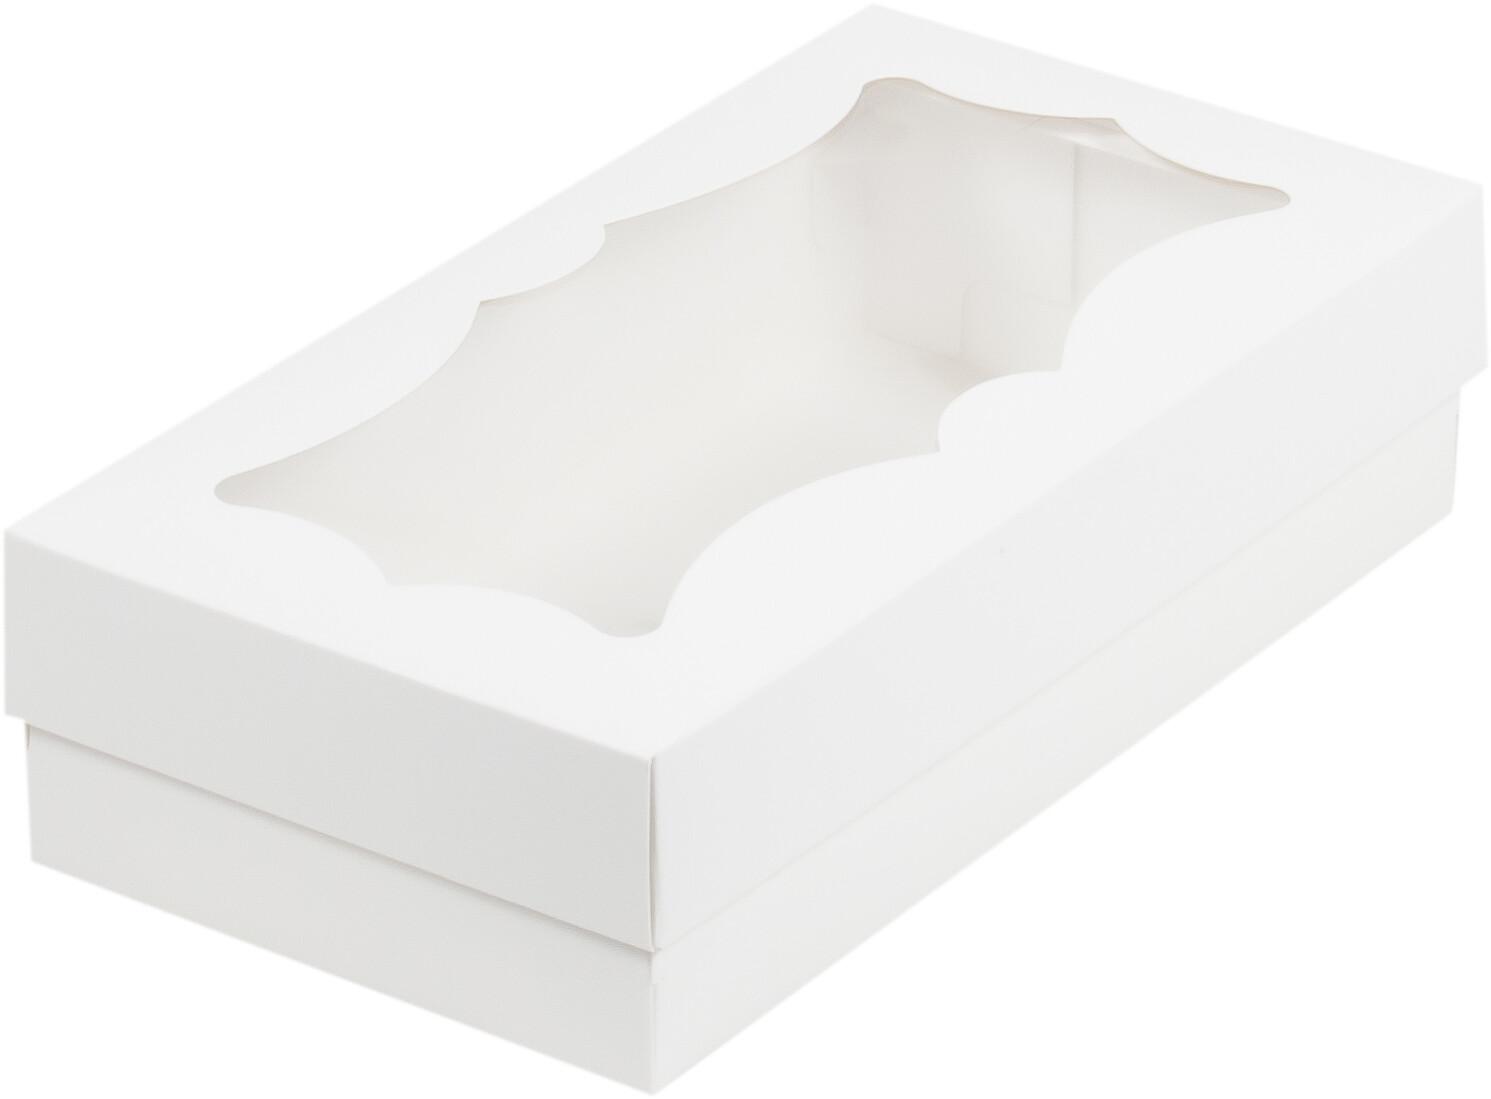 Коробка для макарон и зефира с фигурным окошком 210*100*55 мм (белая)